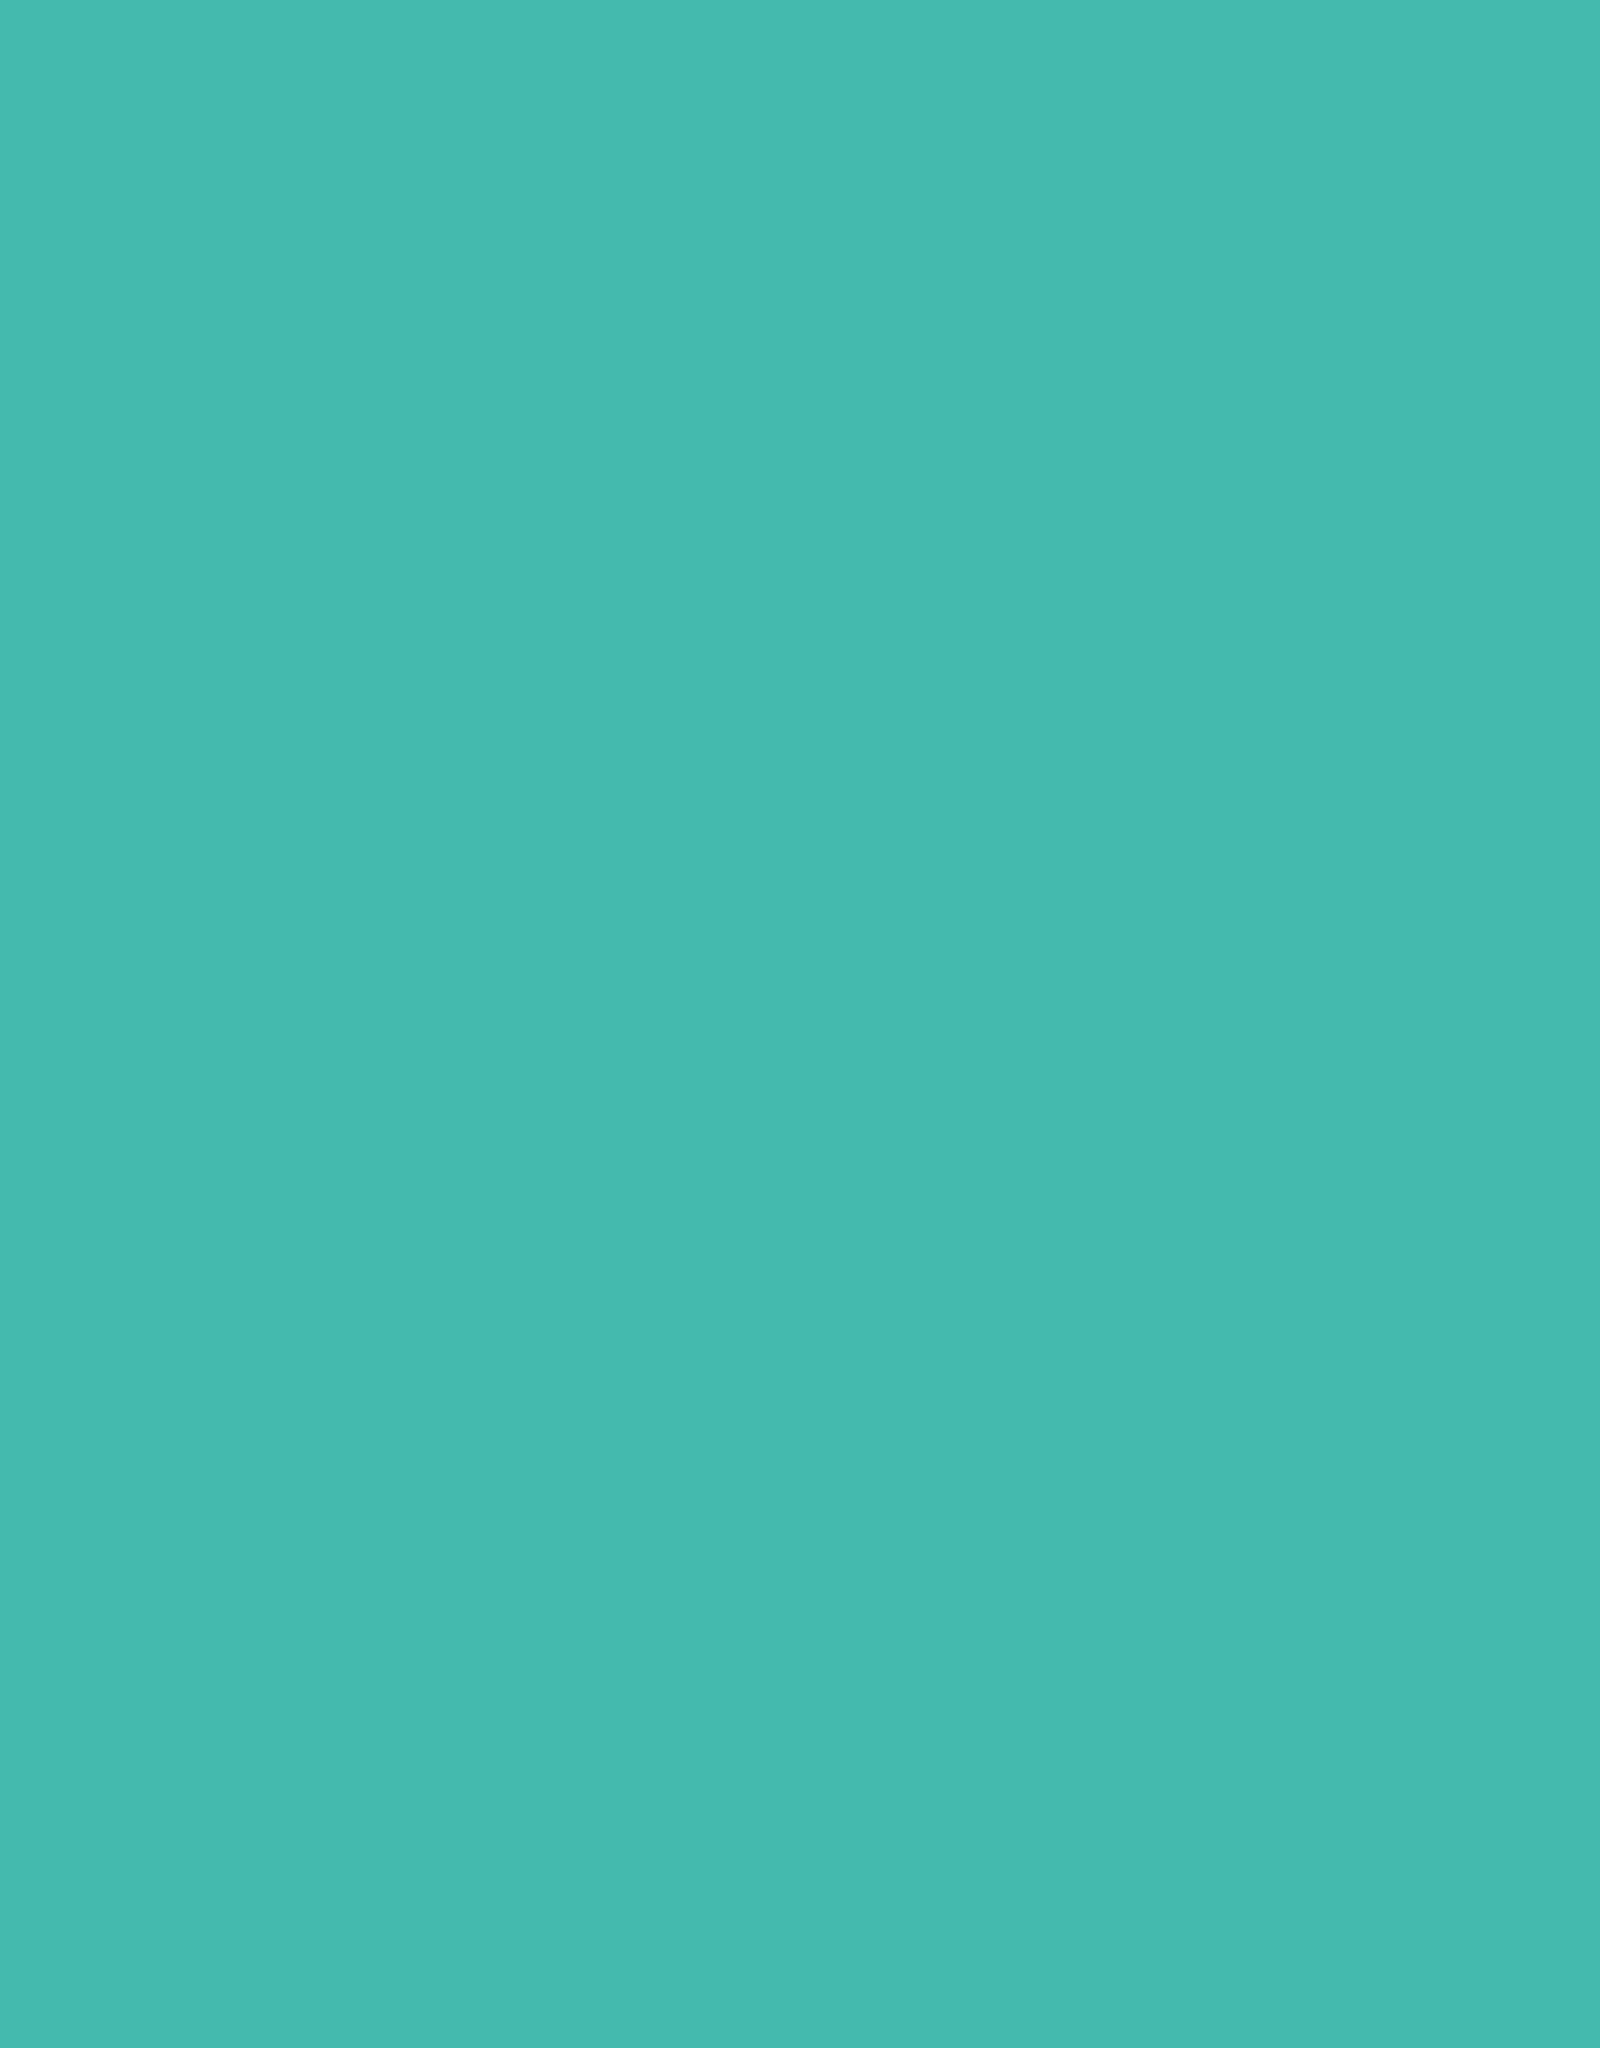 Trapsuutjies textielverf Aqua (dekkend) L